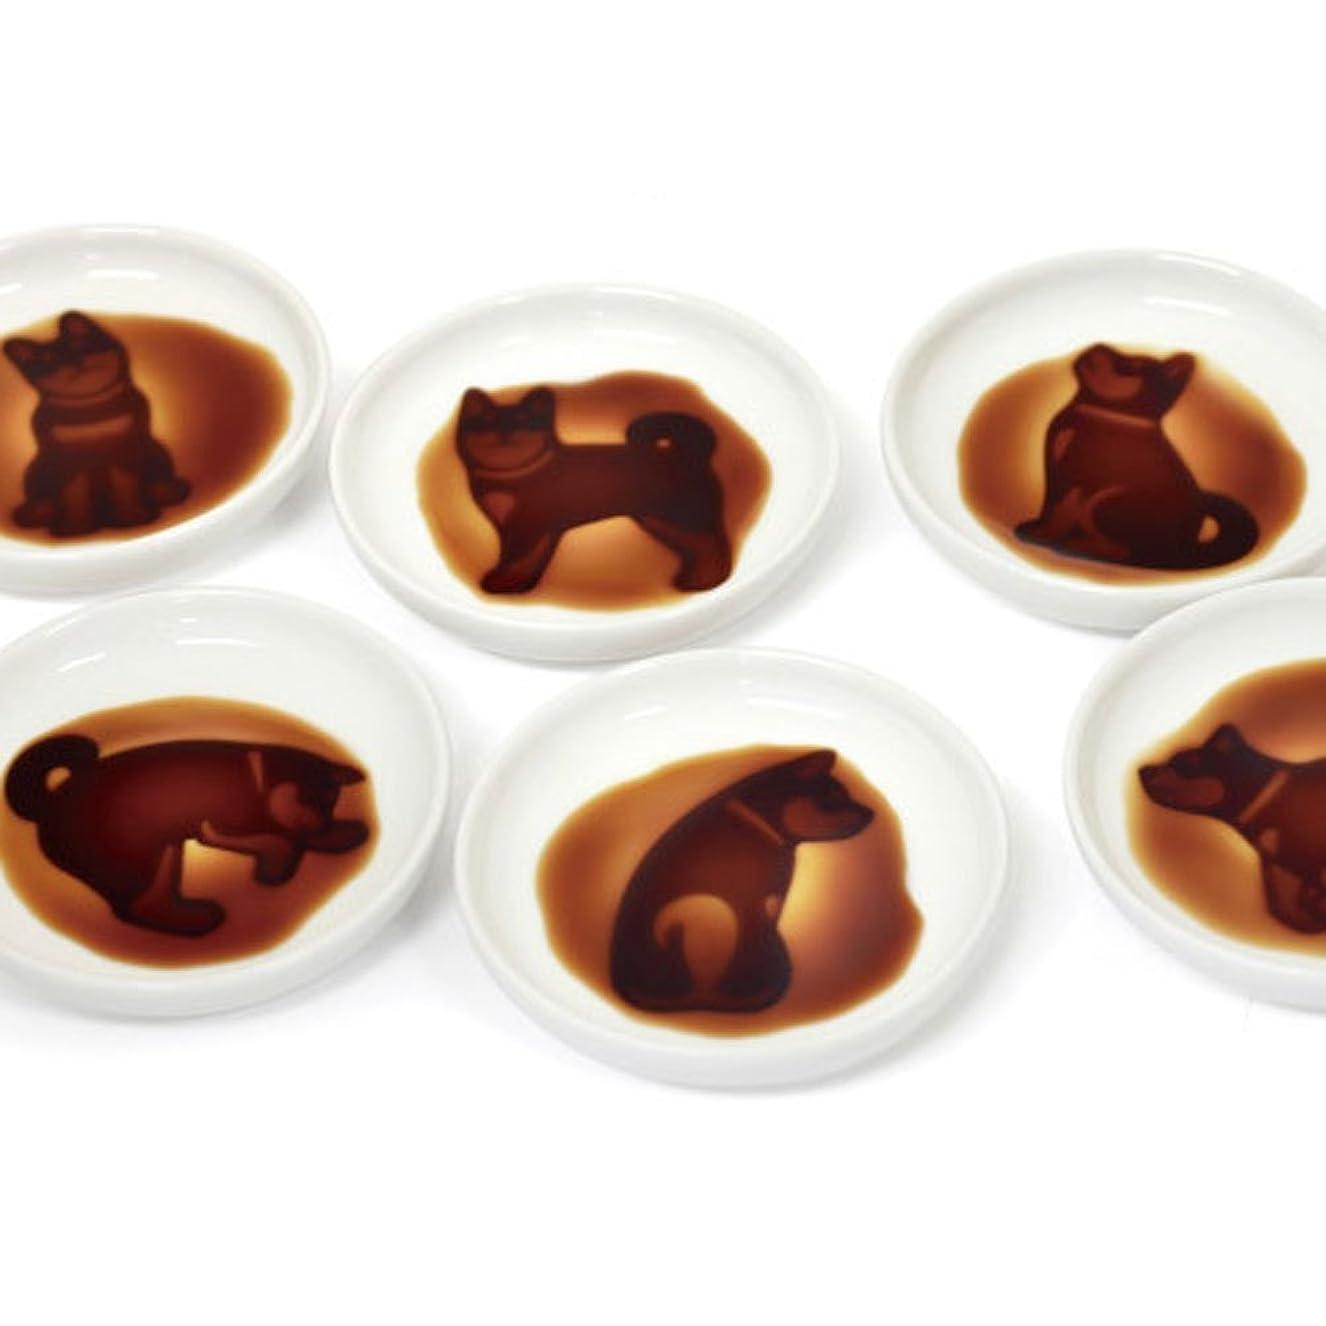 マラドロイトフィドルコンテンツイヌ グッズ 醤油皿 小皿 犬雑貨 6種類セット